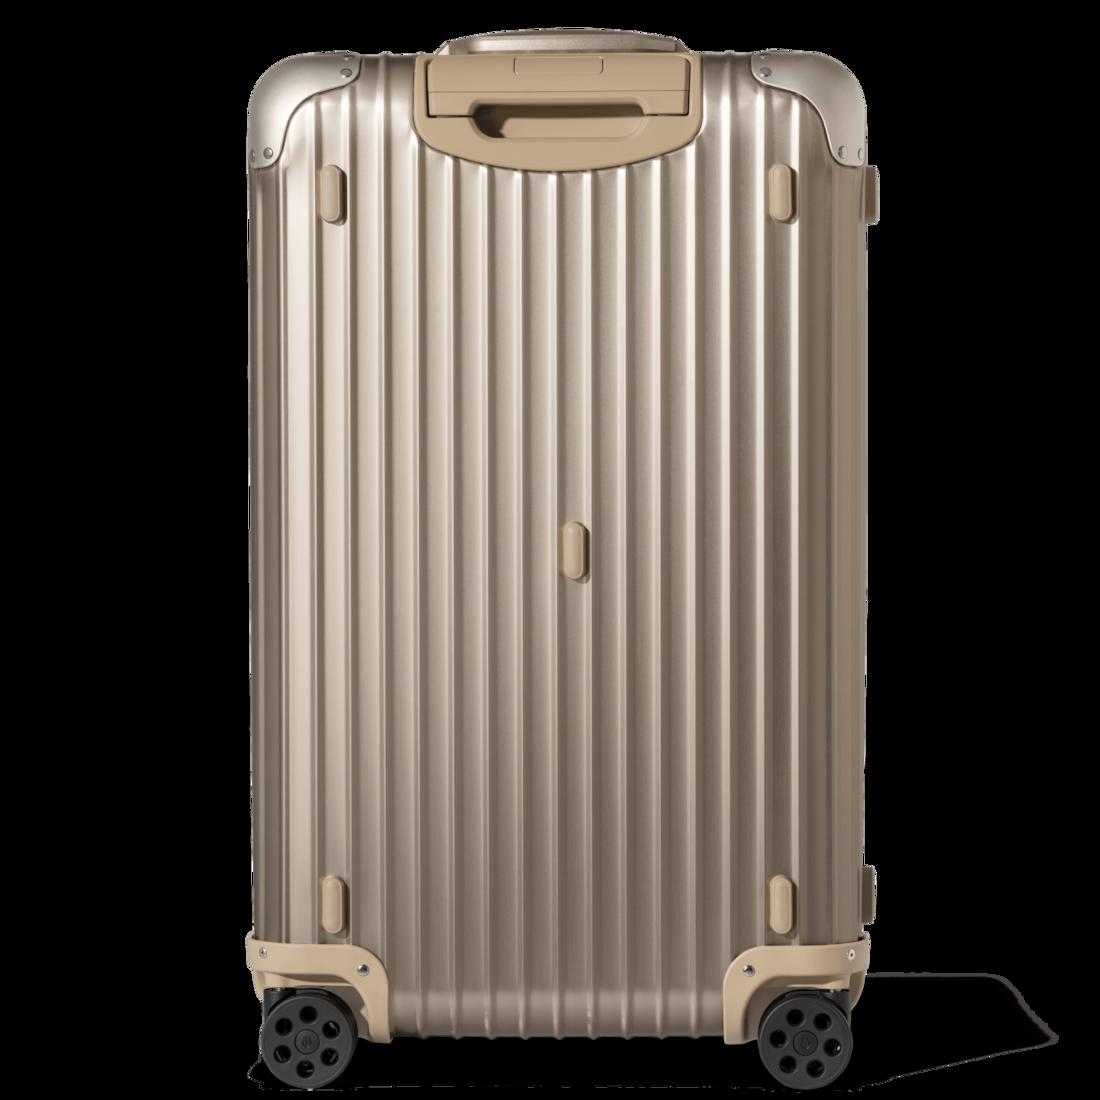 RIMOWA(リモワ)おすすめのブランドスーツケース4